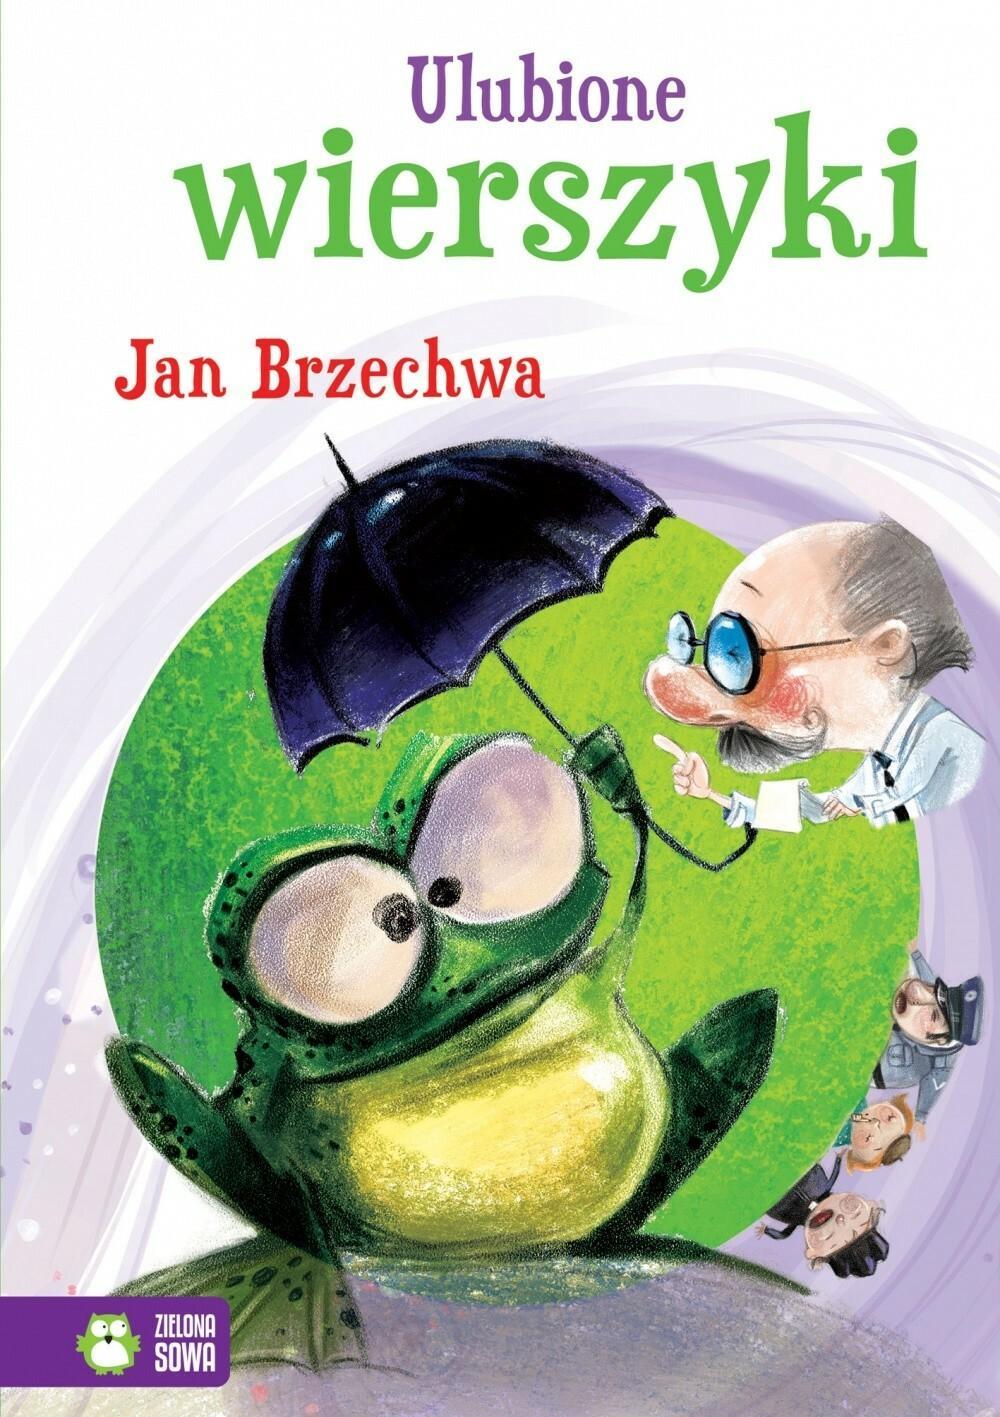 Zielona Sowa Ulubione wierszyki Jan Brzechwa - Zielona Sowa